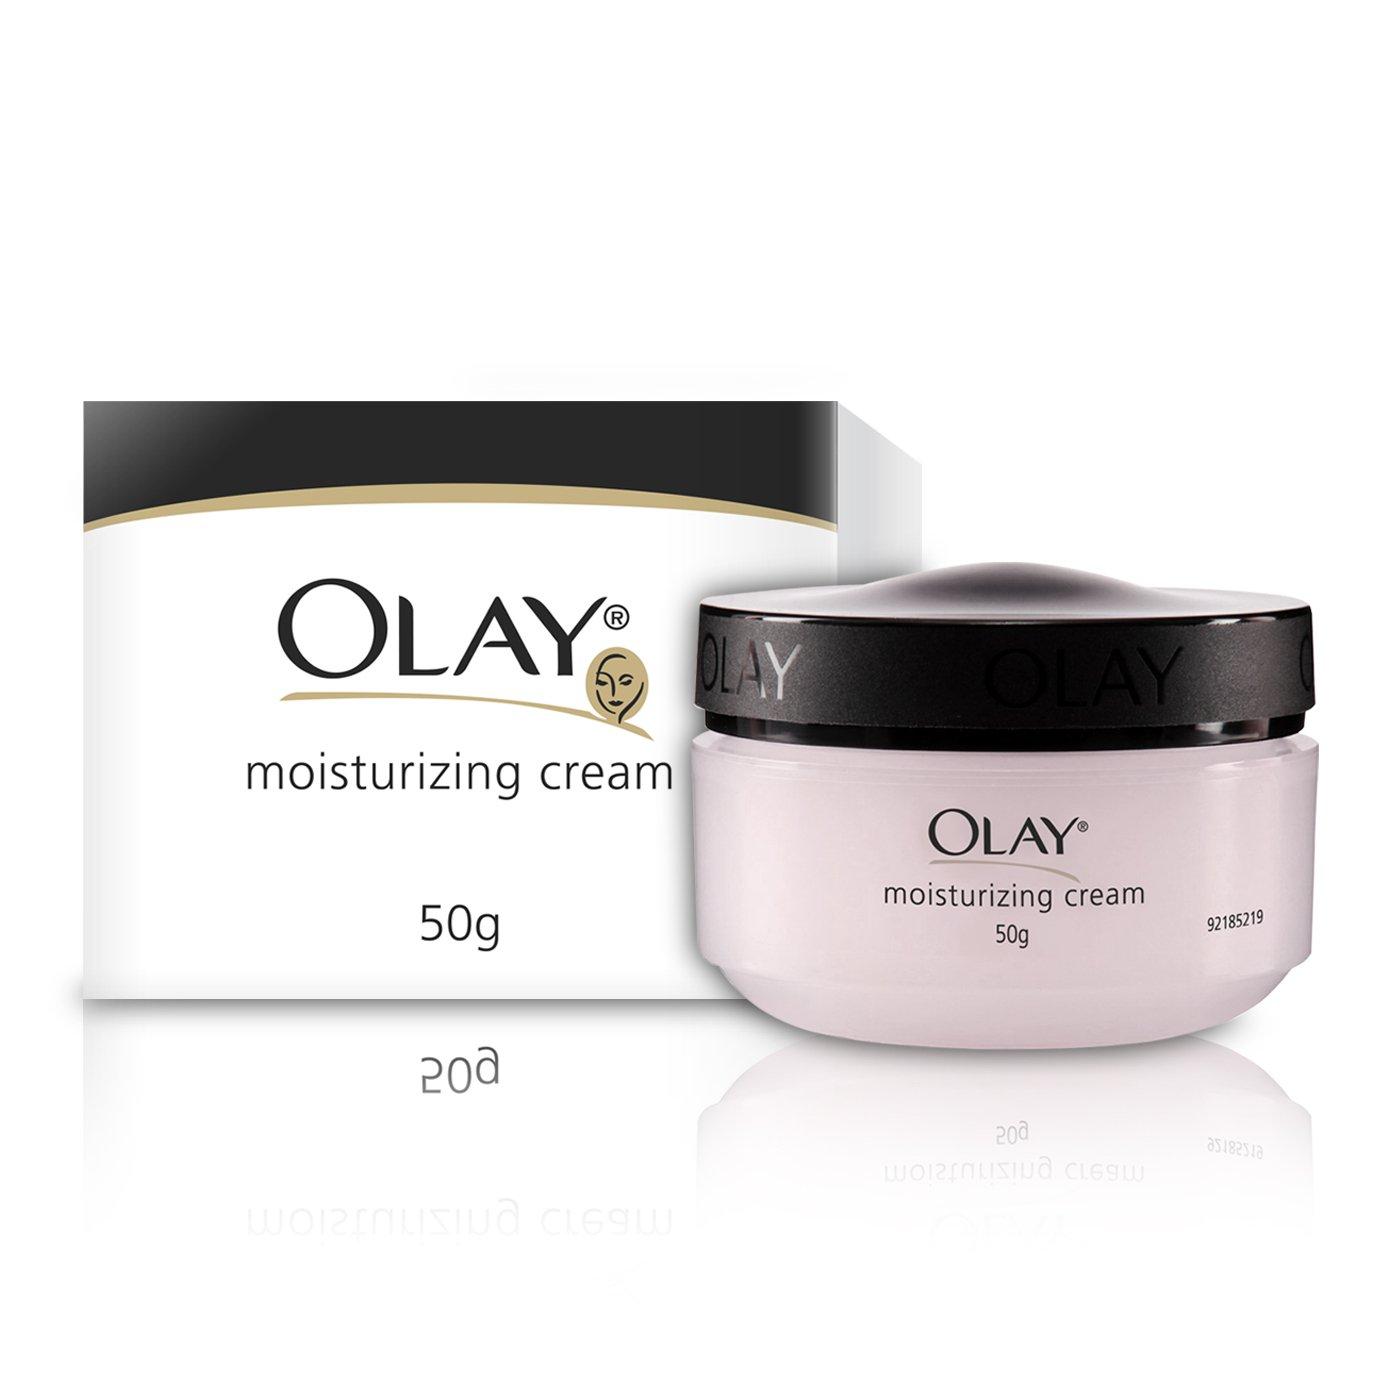 Olay Moisturizing Skin Cream, 50g product image